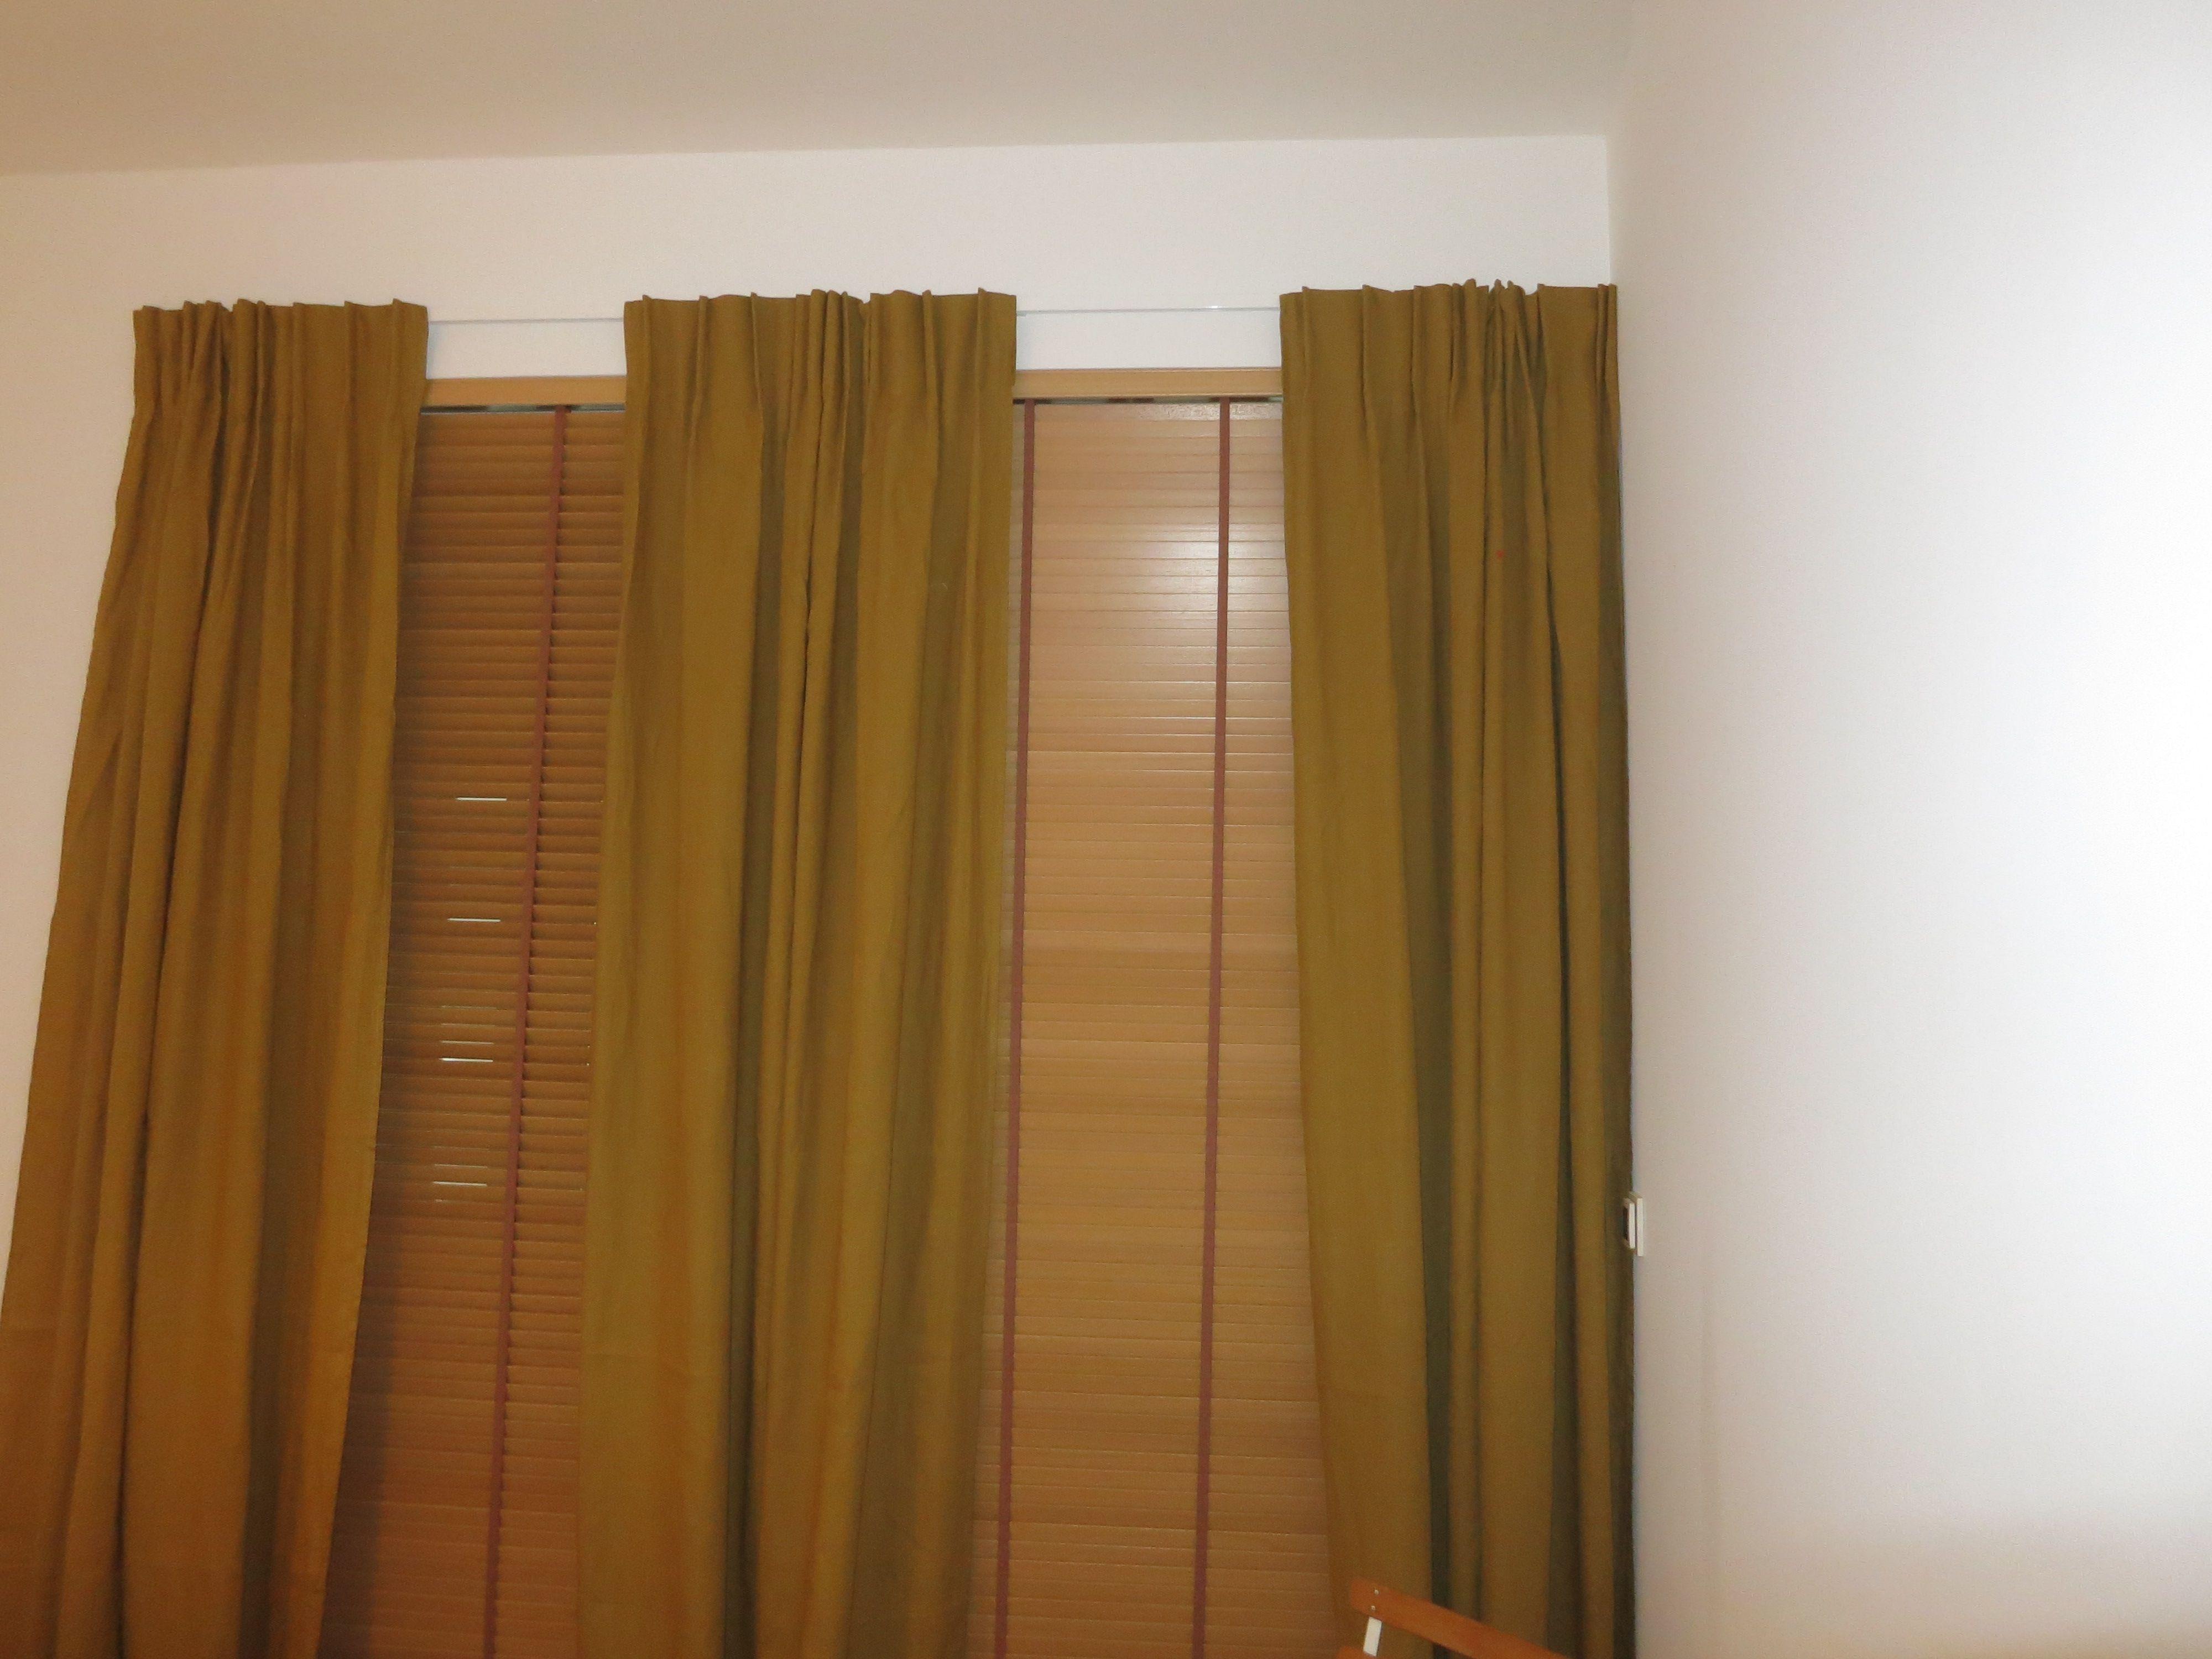 des rails blancs tr s fins presque invisibles pour soutenir ces rideaux en lin qui toffent une. Black Bedroom Furniture Sets. Home Design Ideas